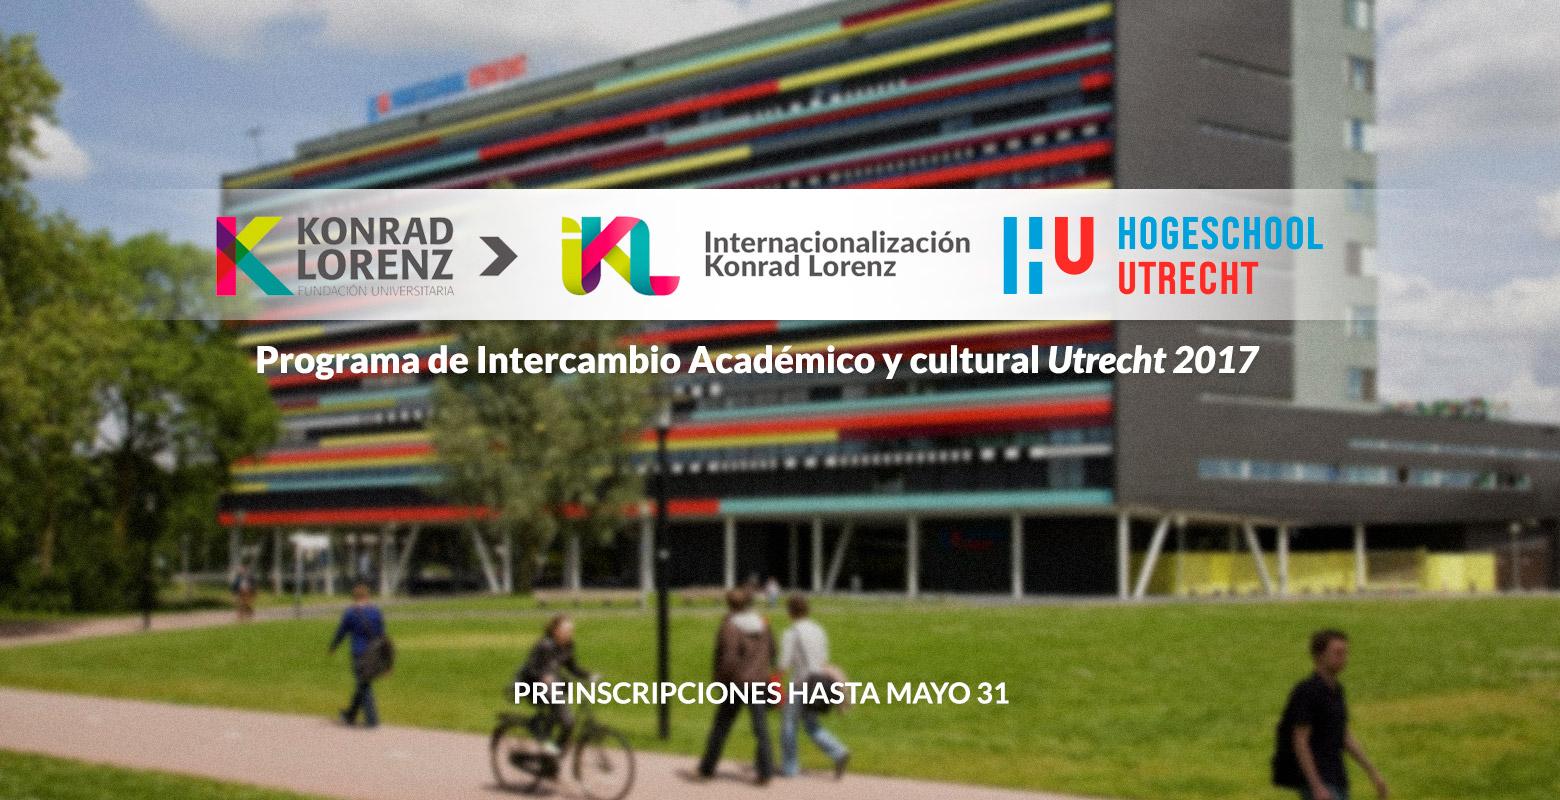 Programa de Intercambio Académico y Cultural Utrecht 2017